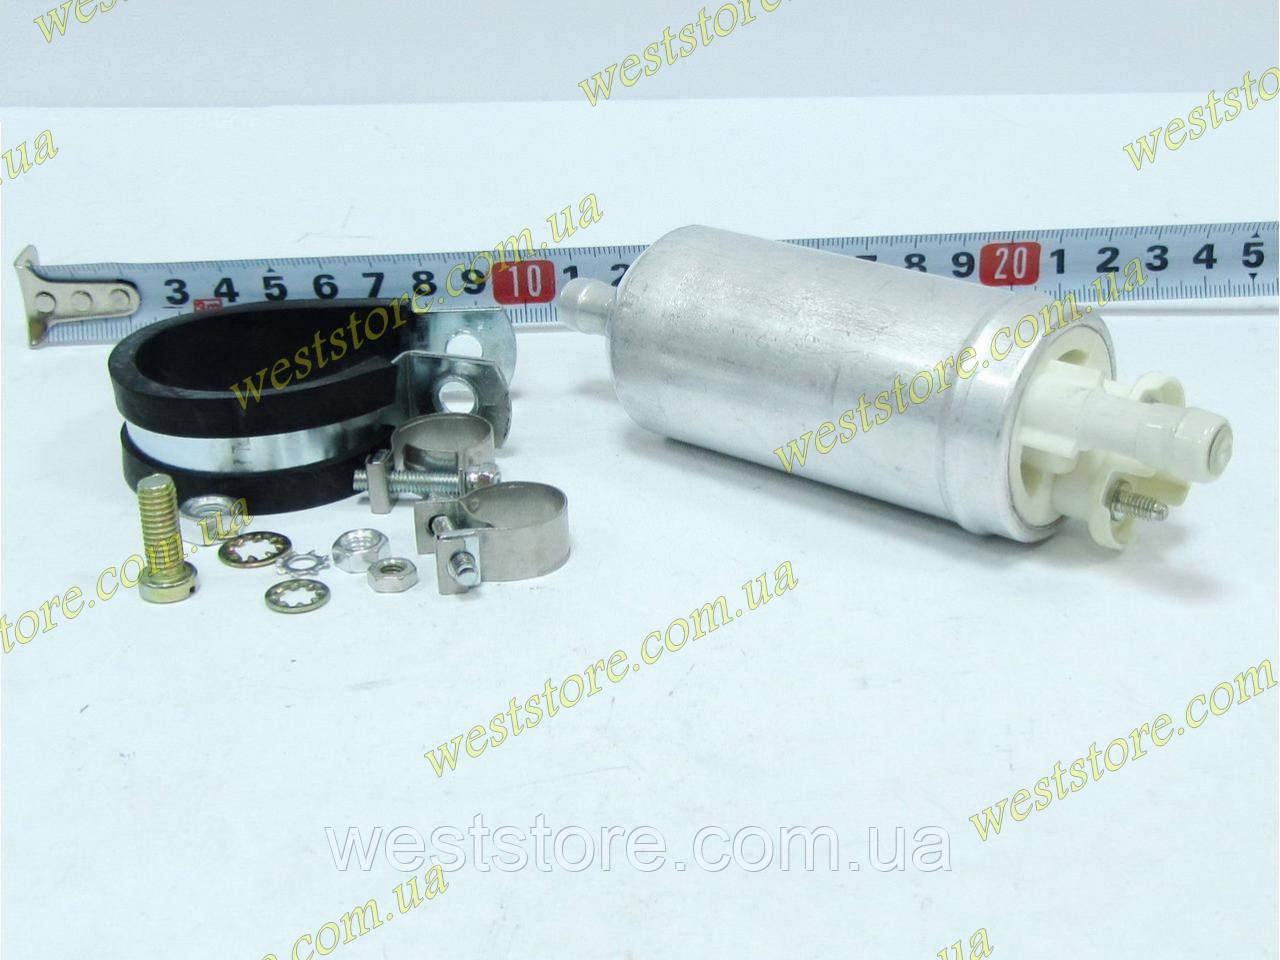 Электрический бензонасос низкого давления для карбюраторных авто QAP, фото 1